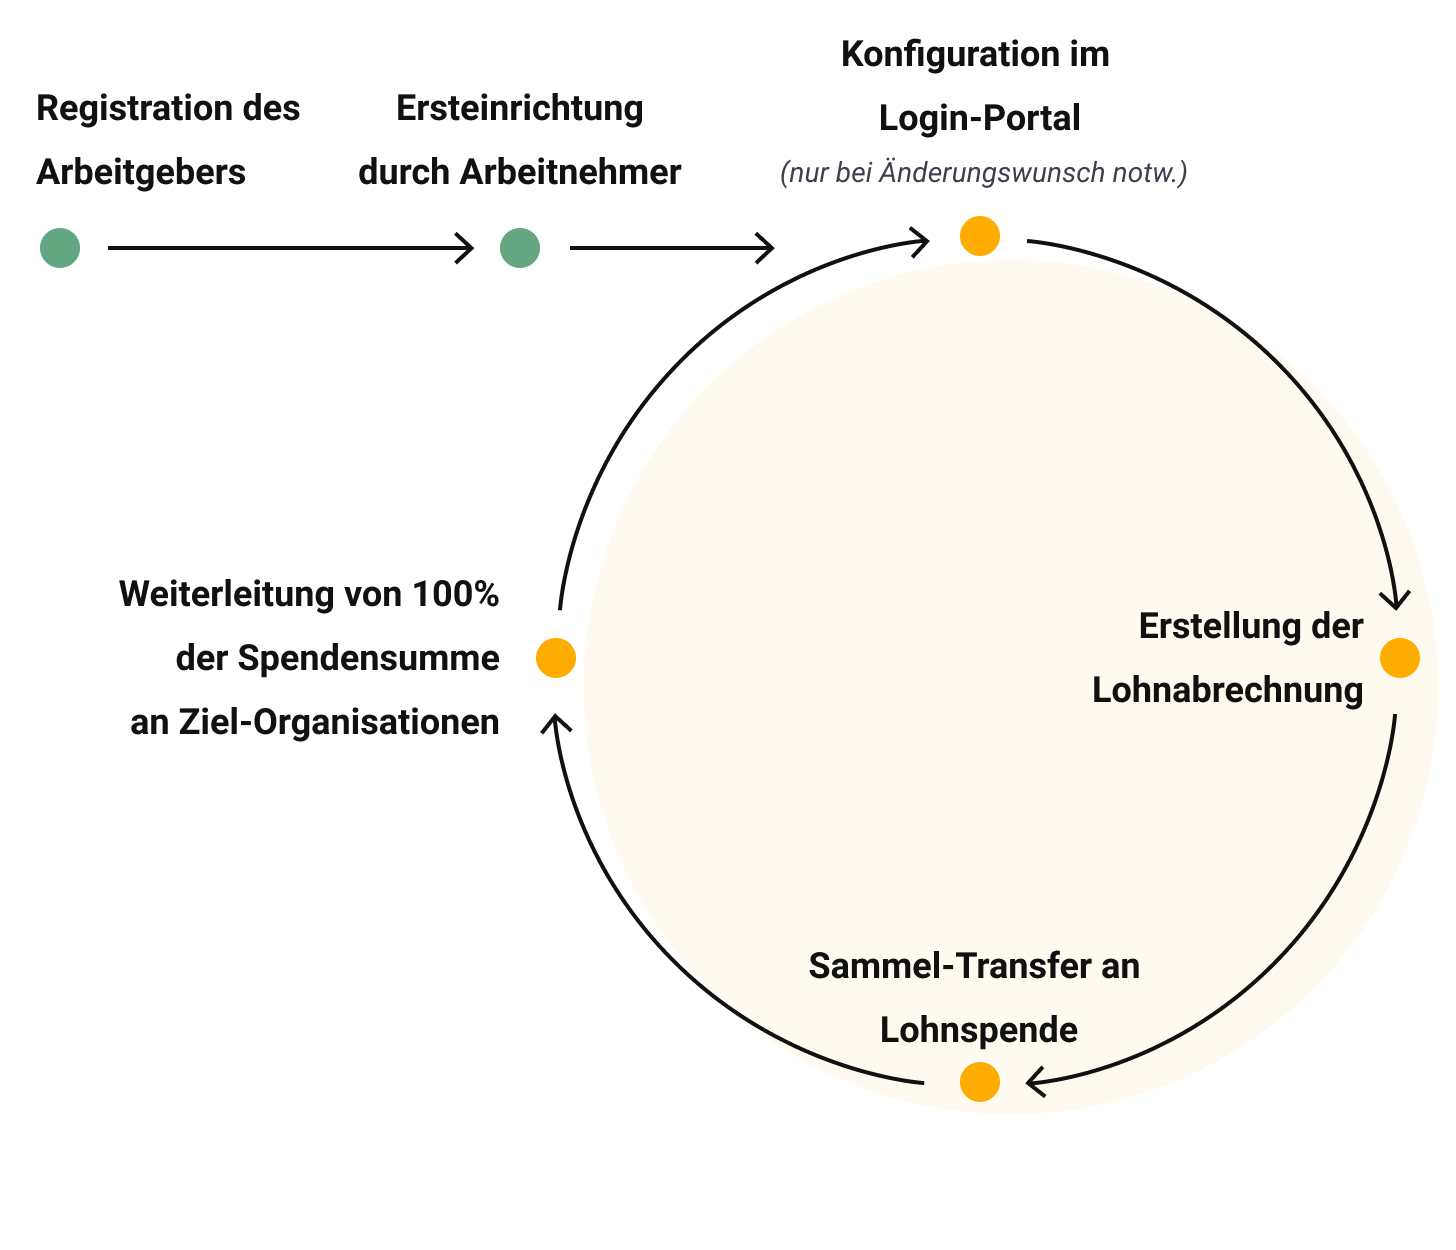 Abrechnungsabfolge für Lohnspen.de |Funktionsweise im Detail